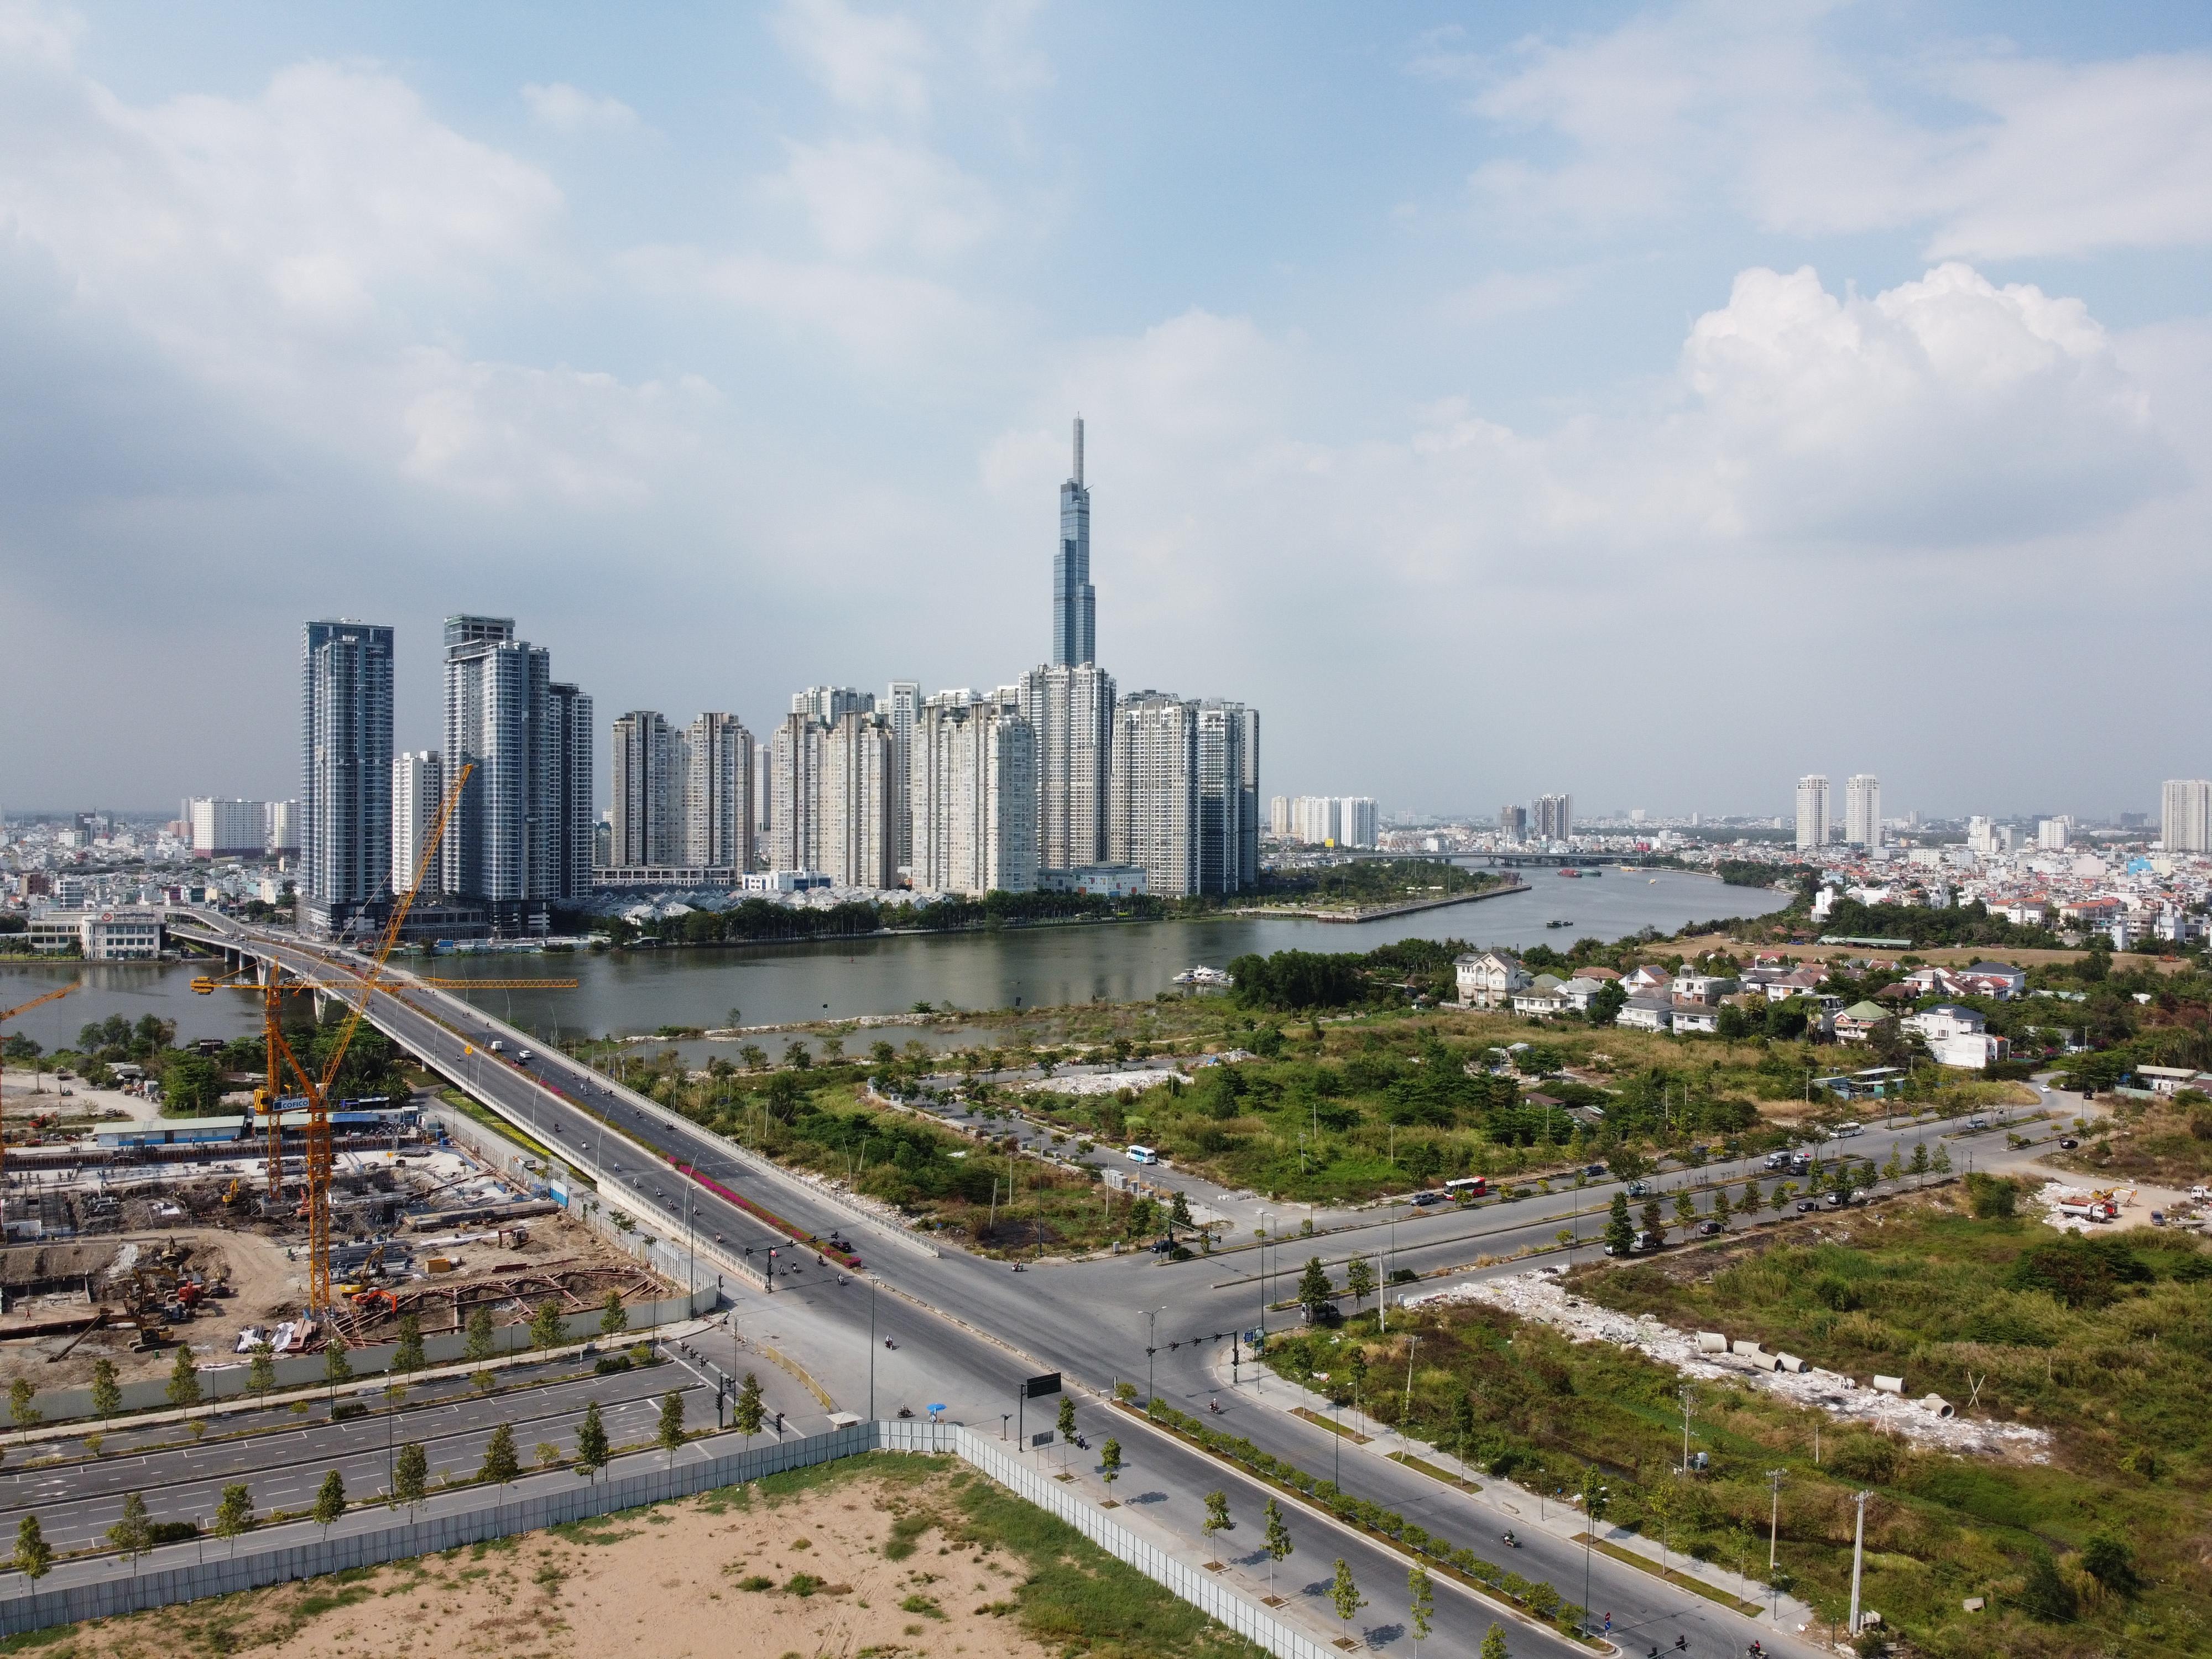 Khó khăn và thách thức của thị trường bất động sản trong đại dịch